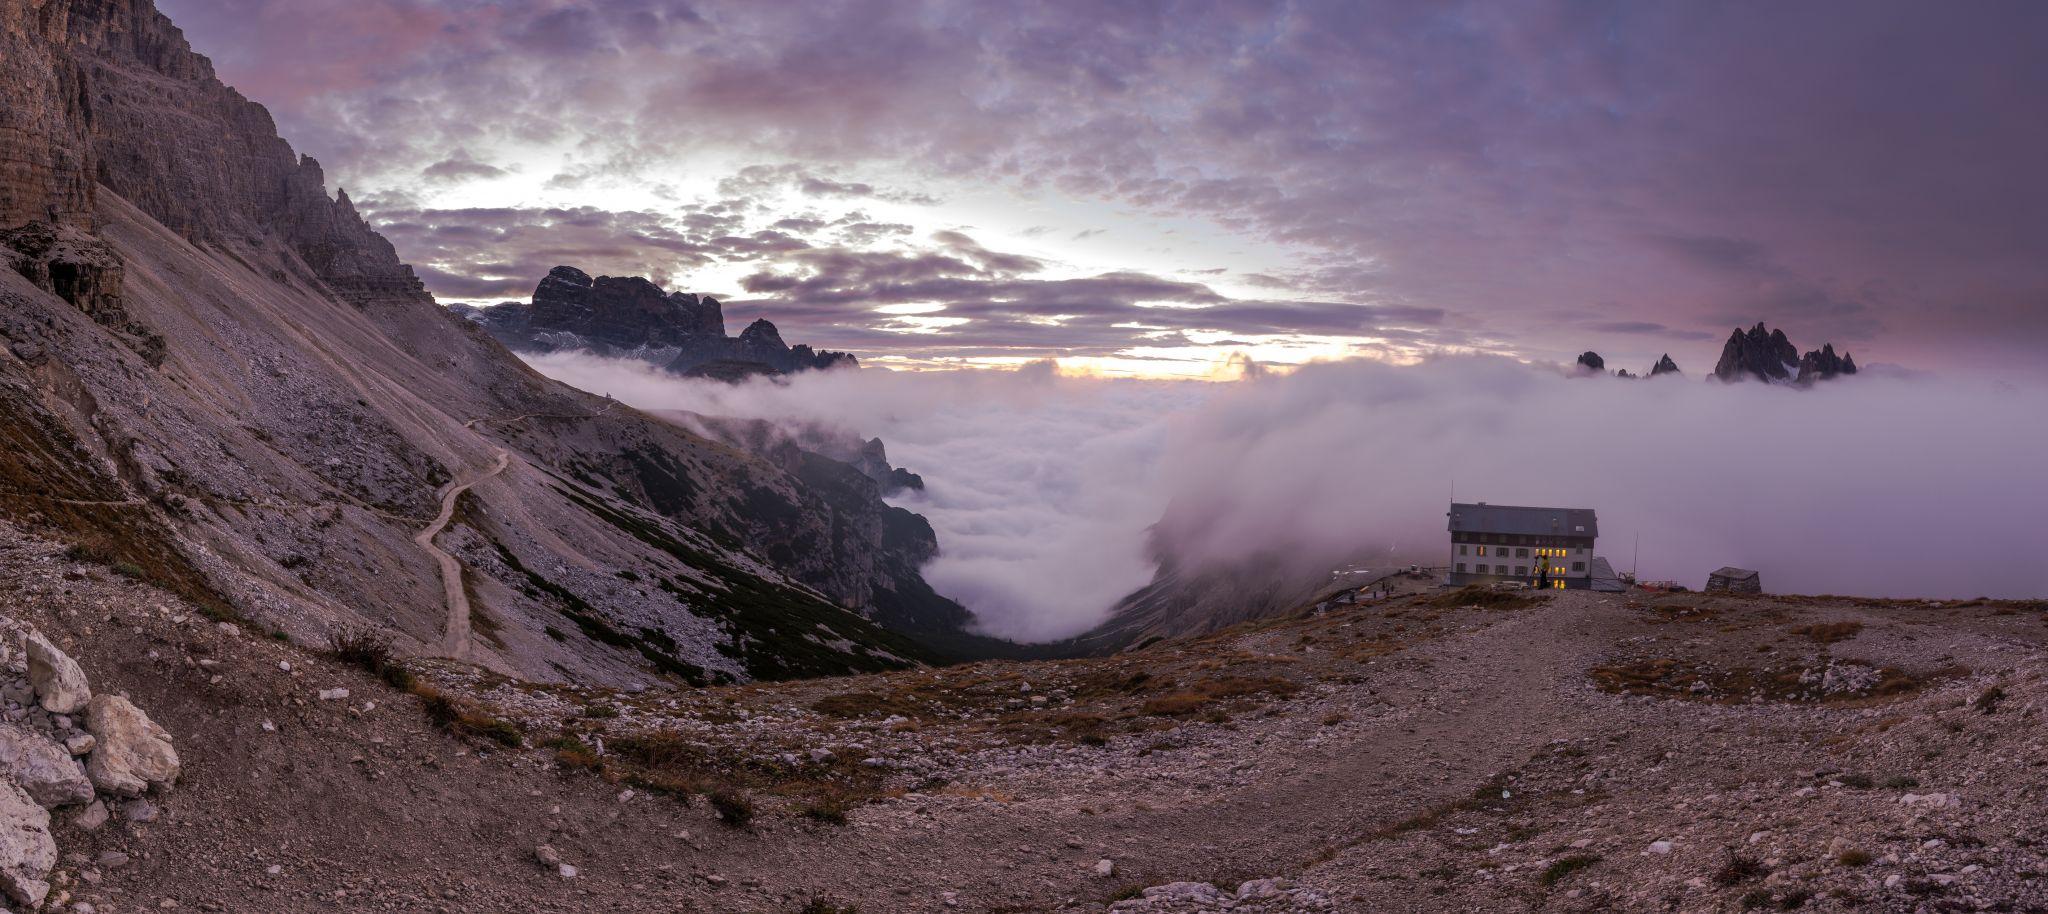 Morning near Tre Cime, Italy